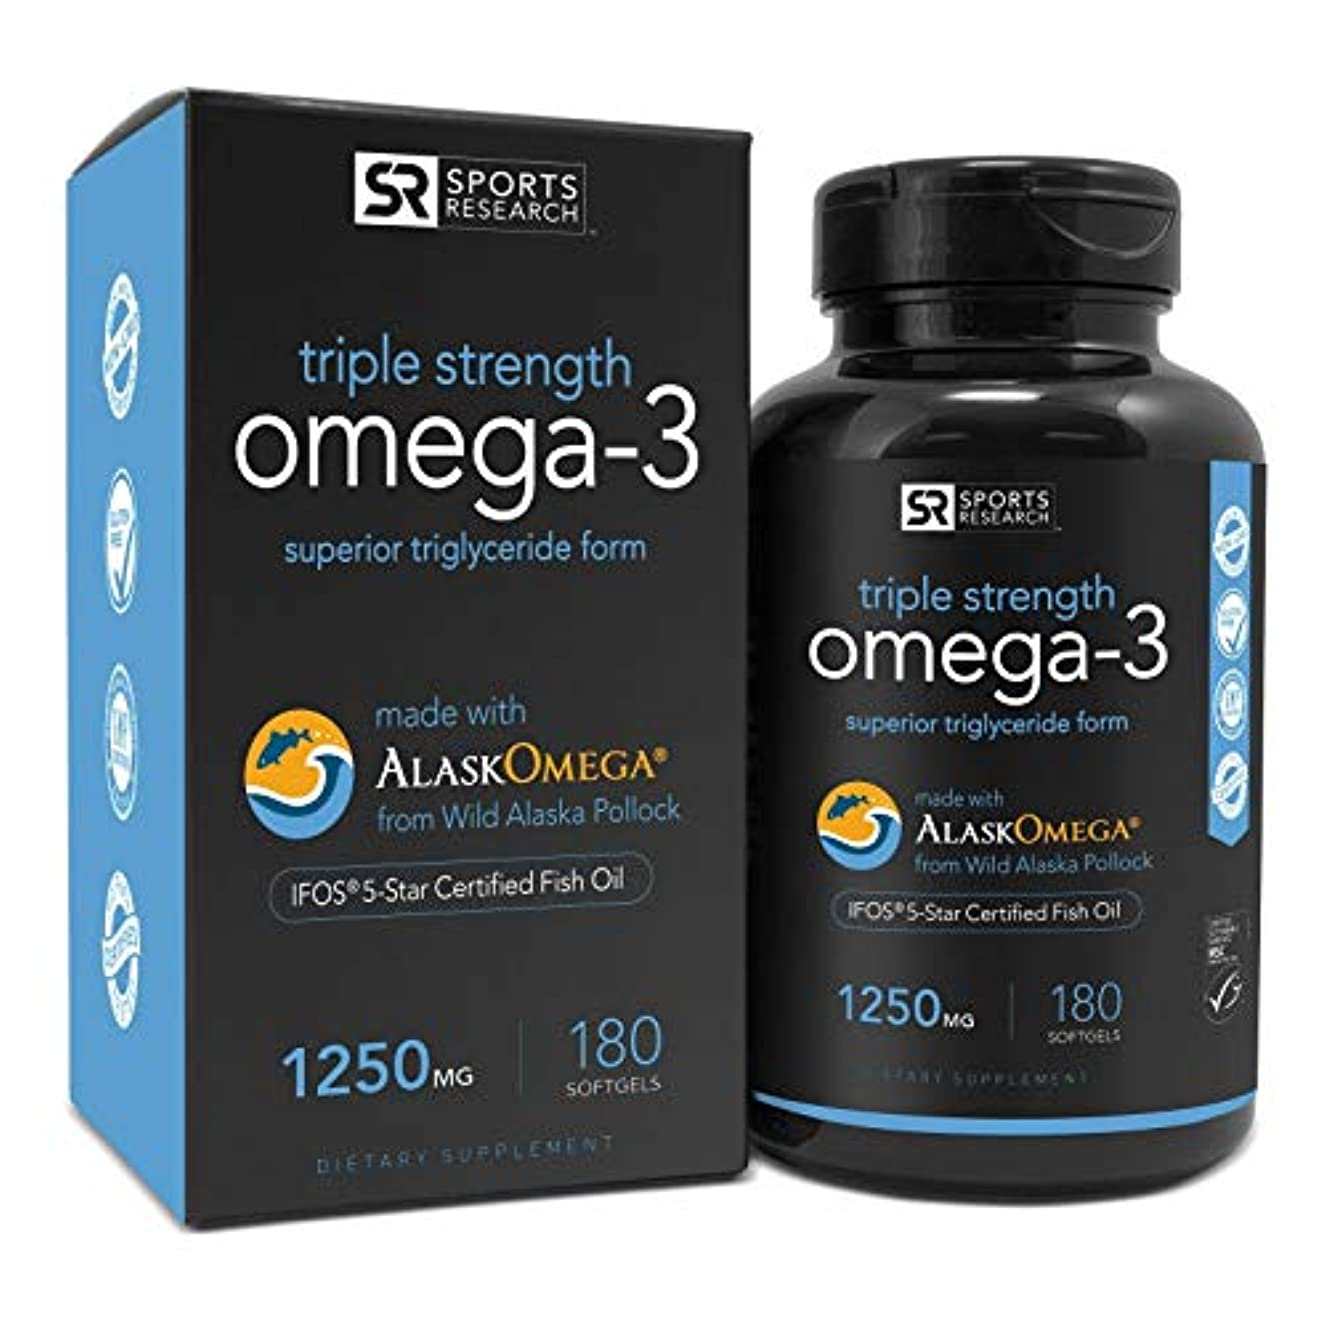 五十ナチュラ親愛なOmega-3 Fish Oil 1250mg (Triple Strength) 180 gelcaps| Contains the highest levels of triglyceride Omega-3s EPA...